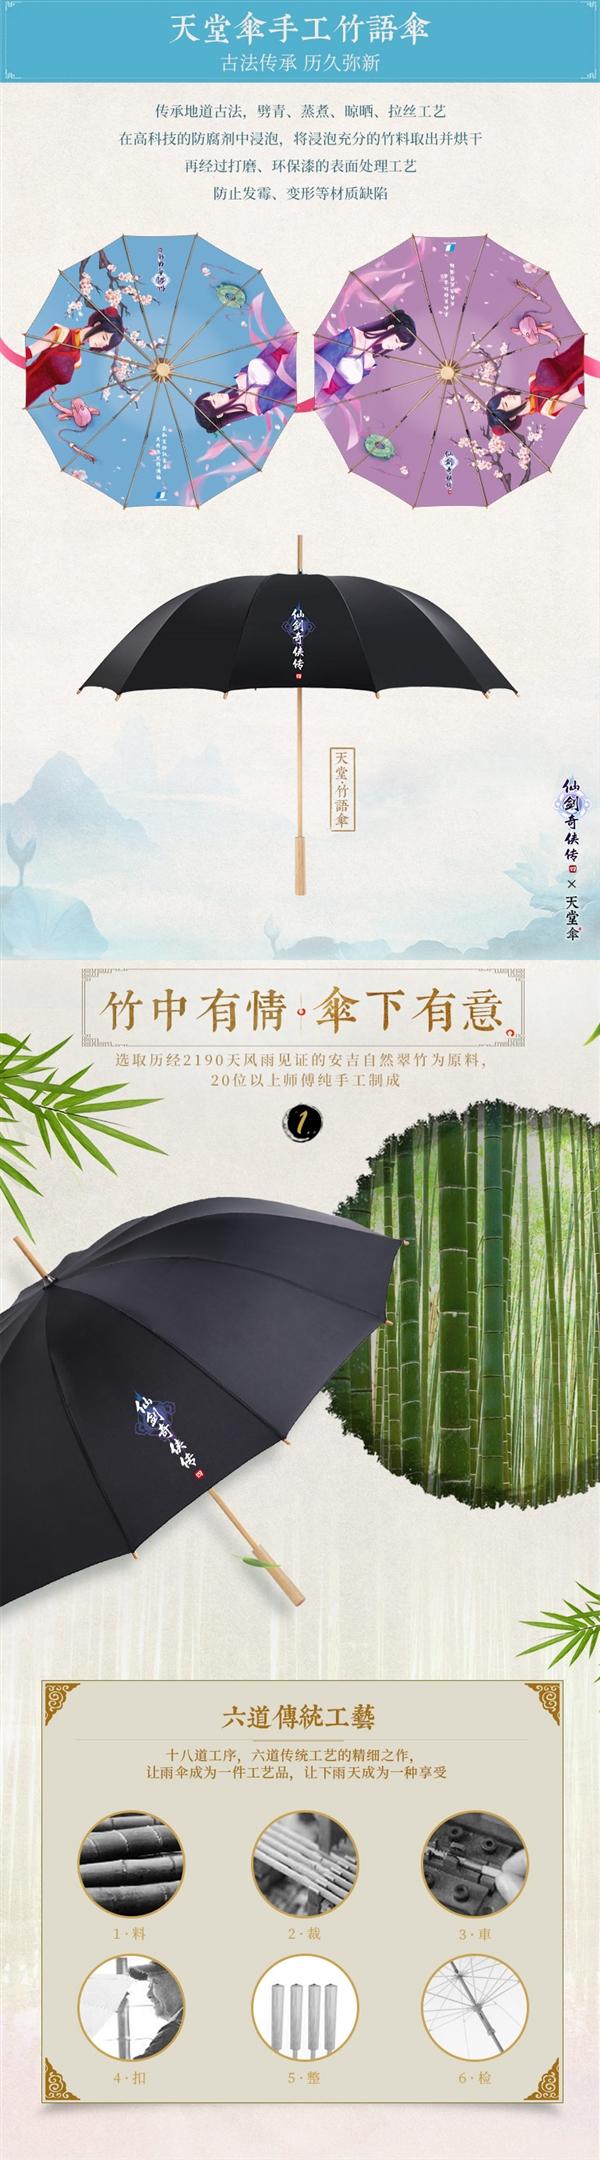 用起来很尴尬吧,仙剑定制雨伞京东众筹,外黑里花